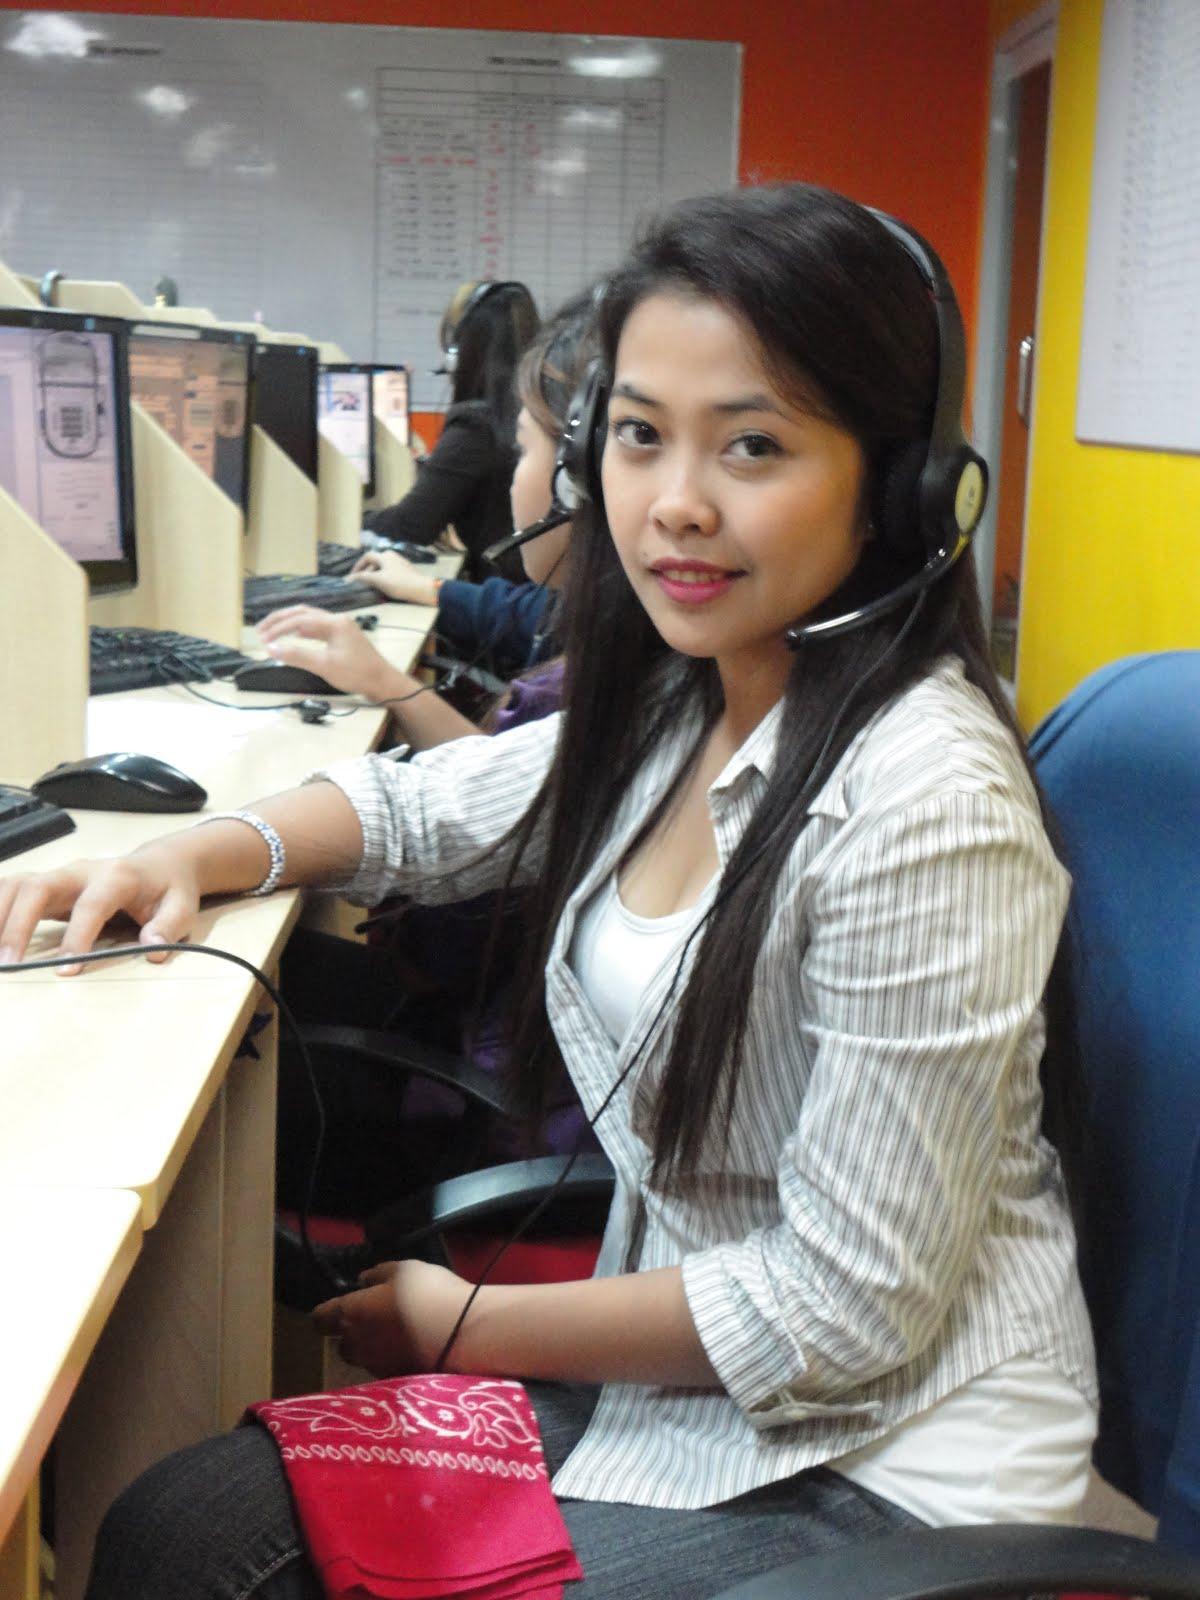 philipino telemarketer